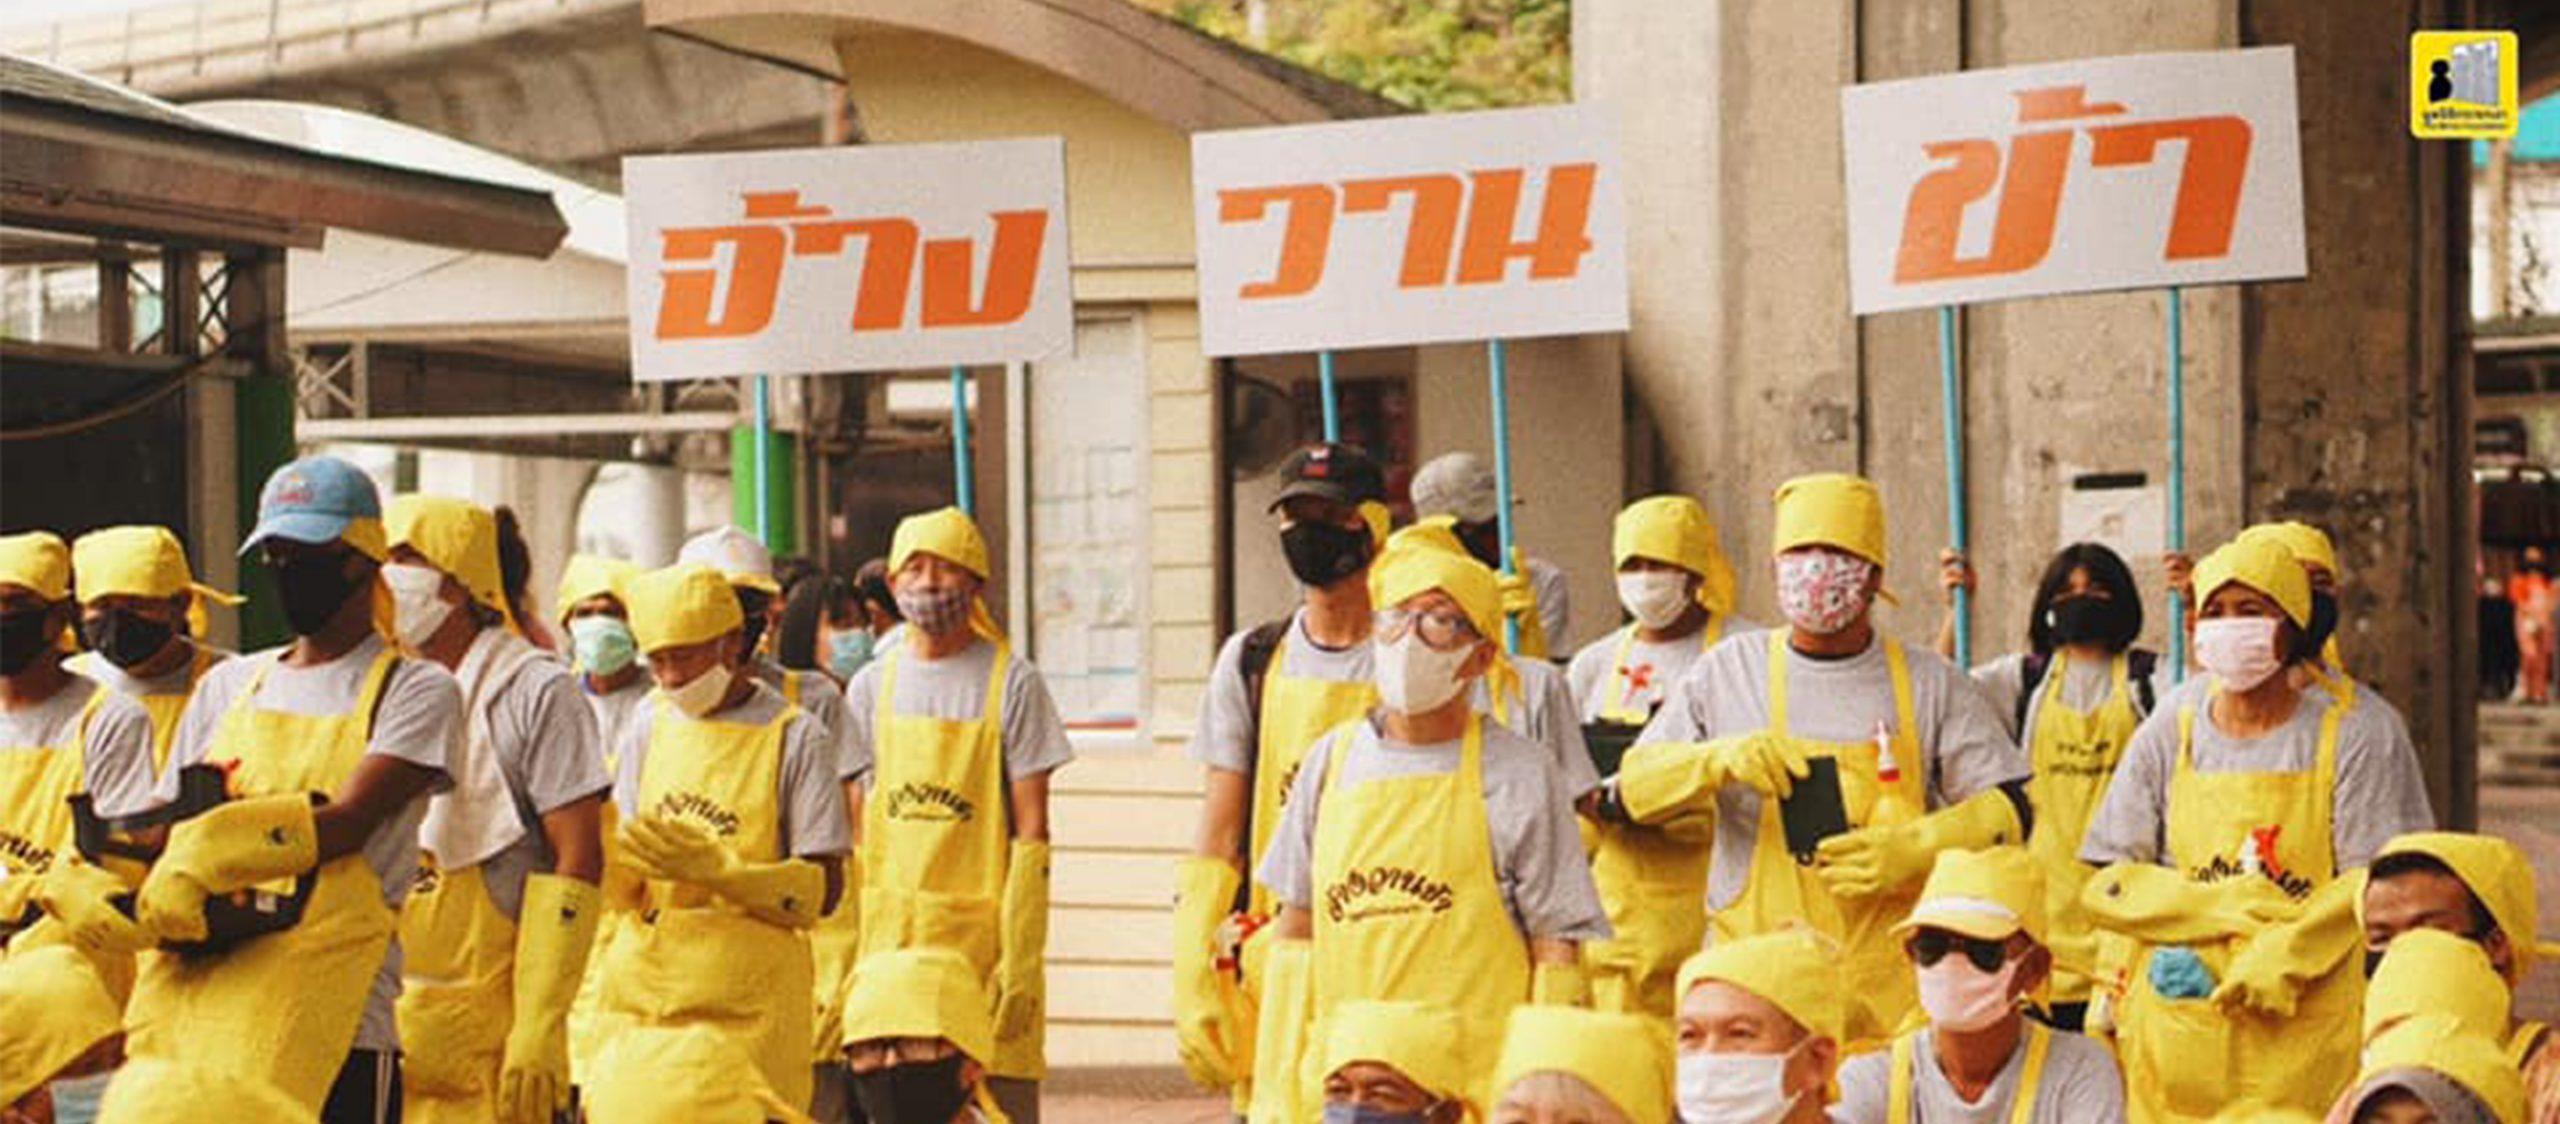 พื้นที่ละหมาดชั่วคราว เว็บไซต์รวมความเคลื่อนไหวในสังคมไทย – Think Positive ประจำเดือนกรกฎาคม 2563